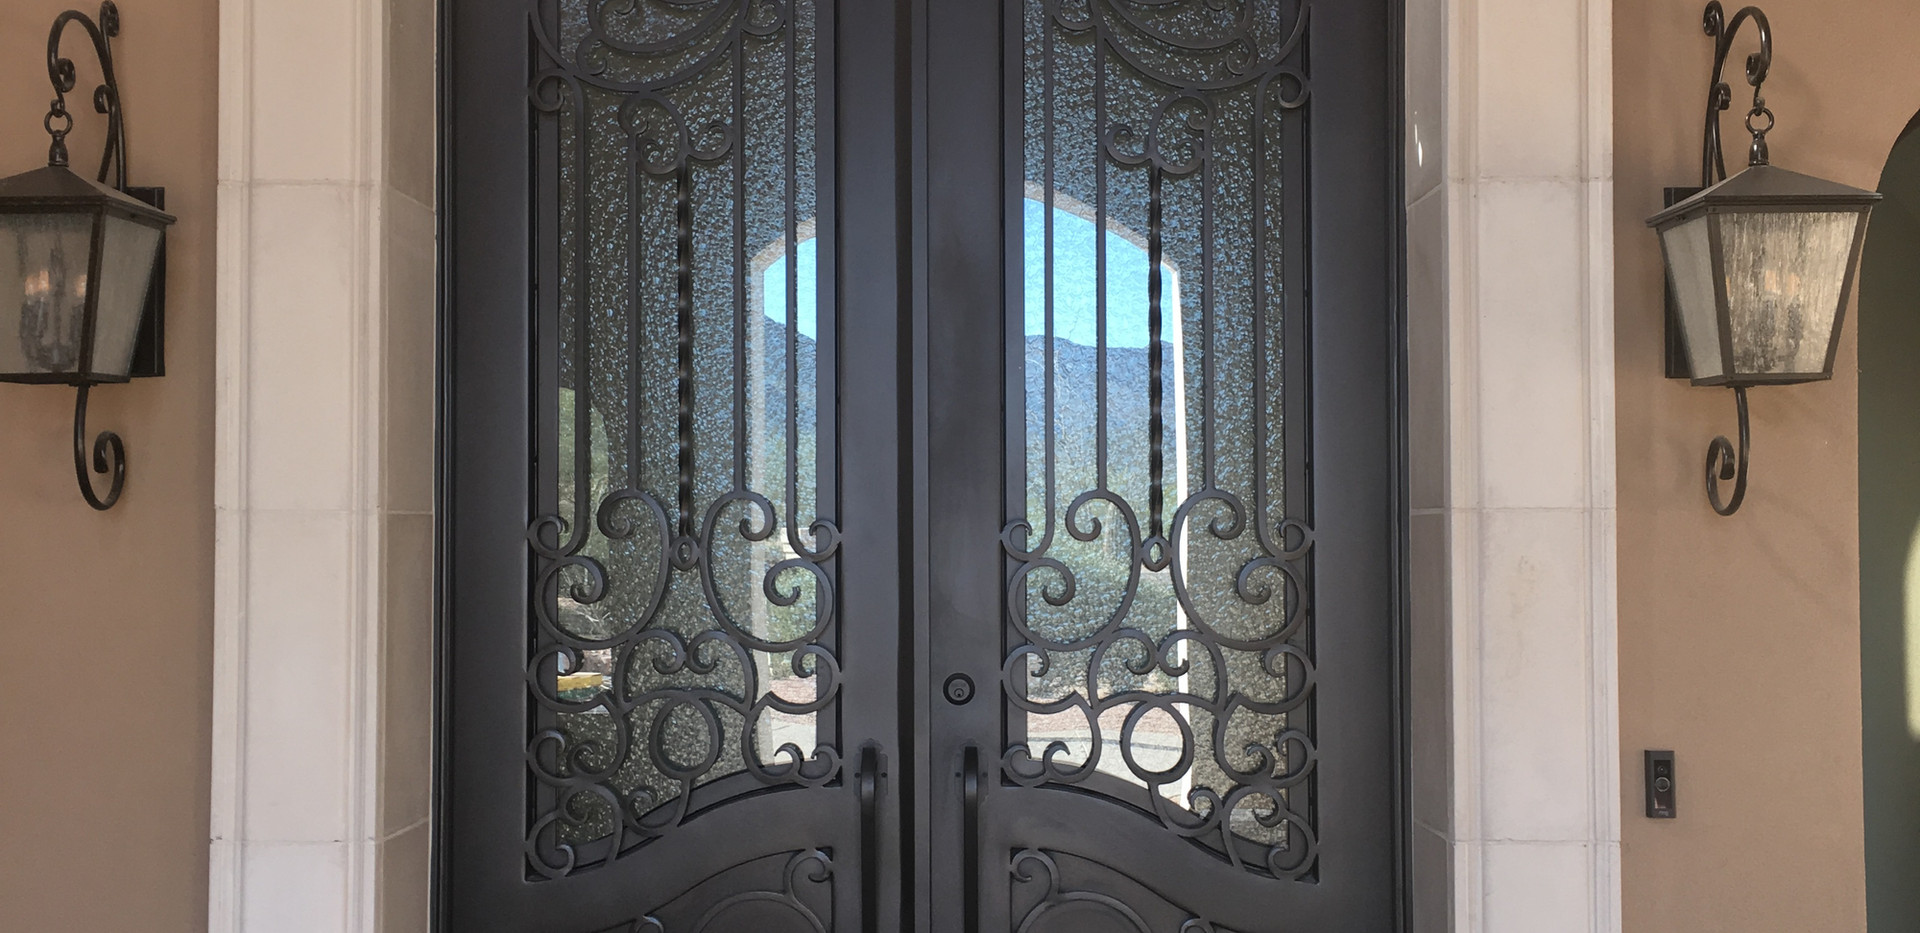 DOOR_013.JPG